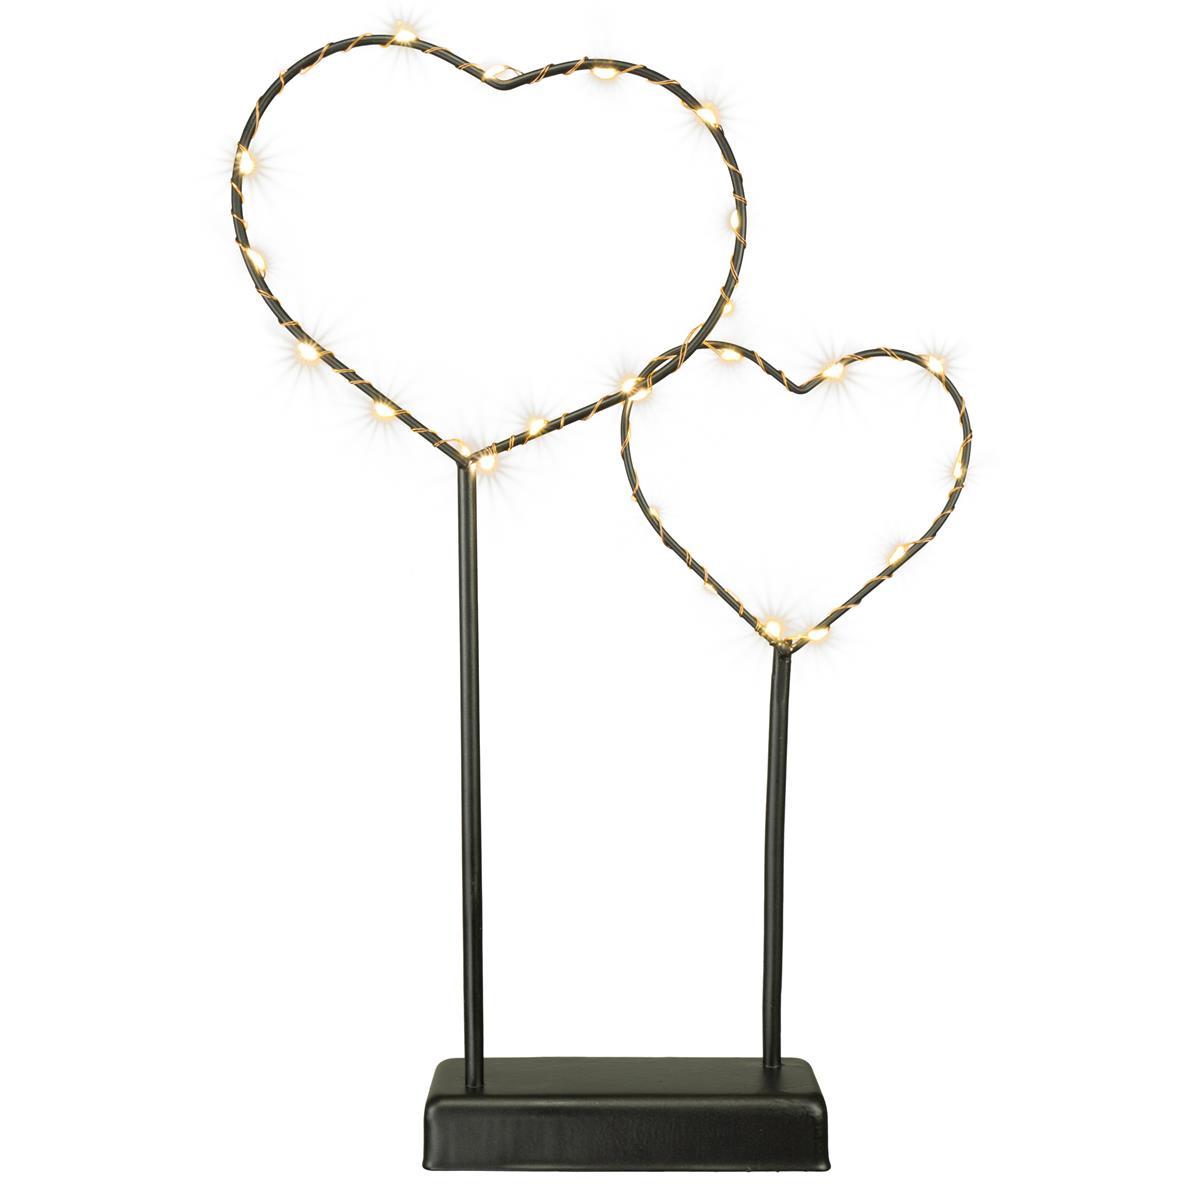 Dekoleuchte Metallherzen 25 LED Silberdraht warmweiß Herzen auf Standfuß schwarz